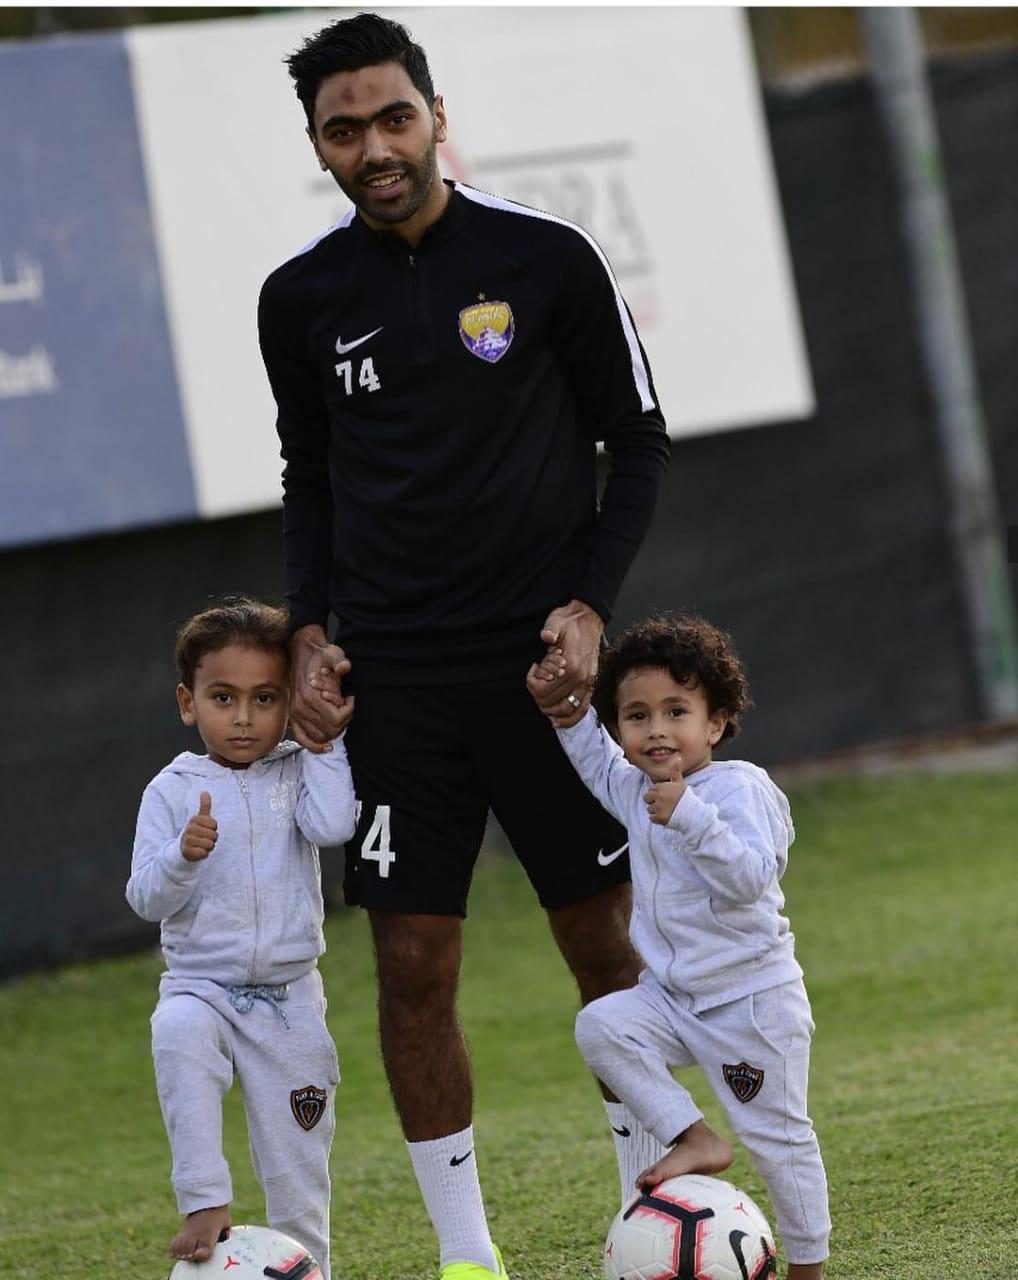 حسين الشحاته مع أحمد و أسر فى الملعب